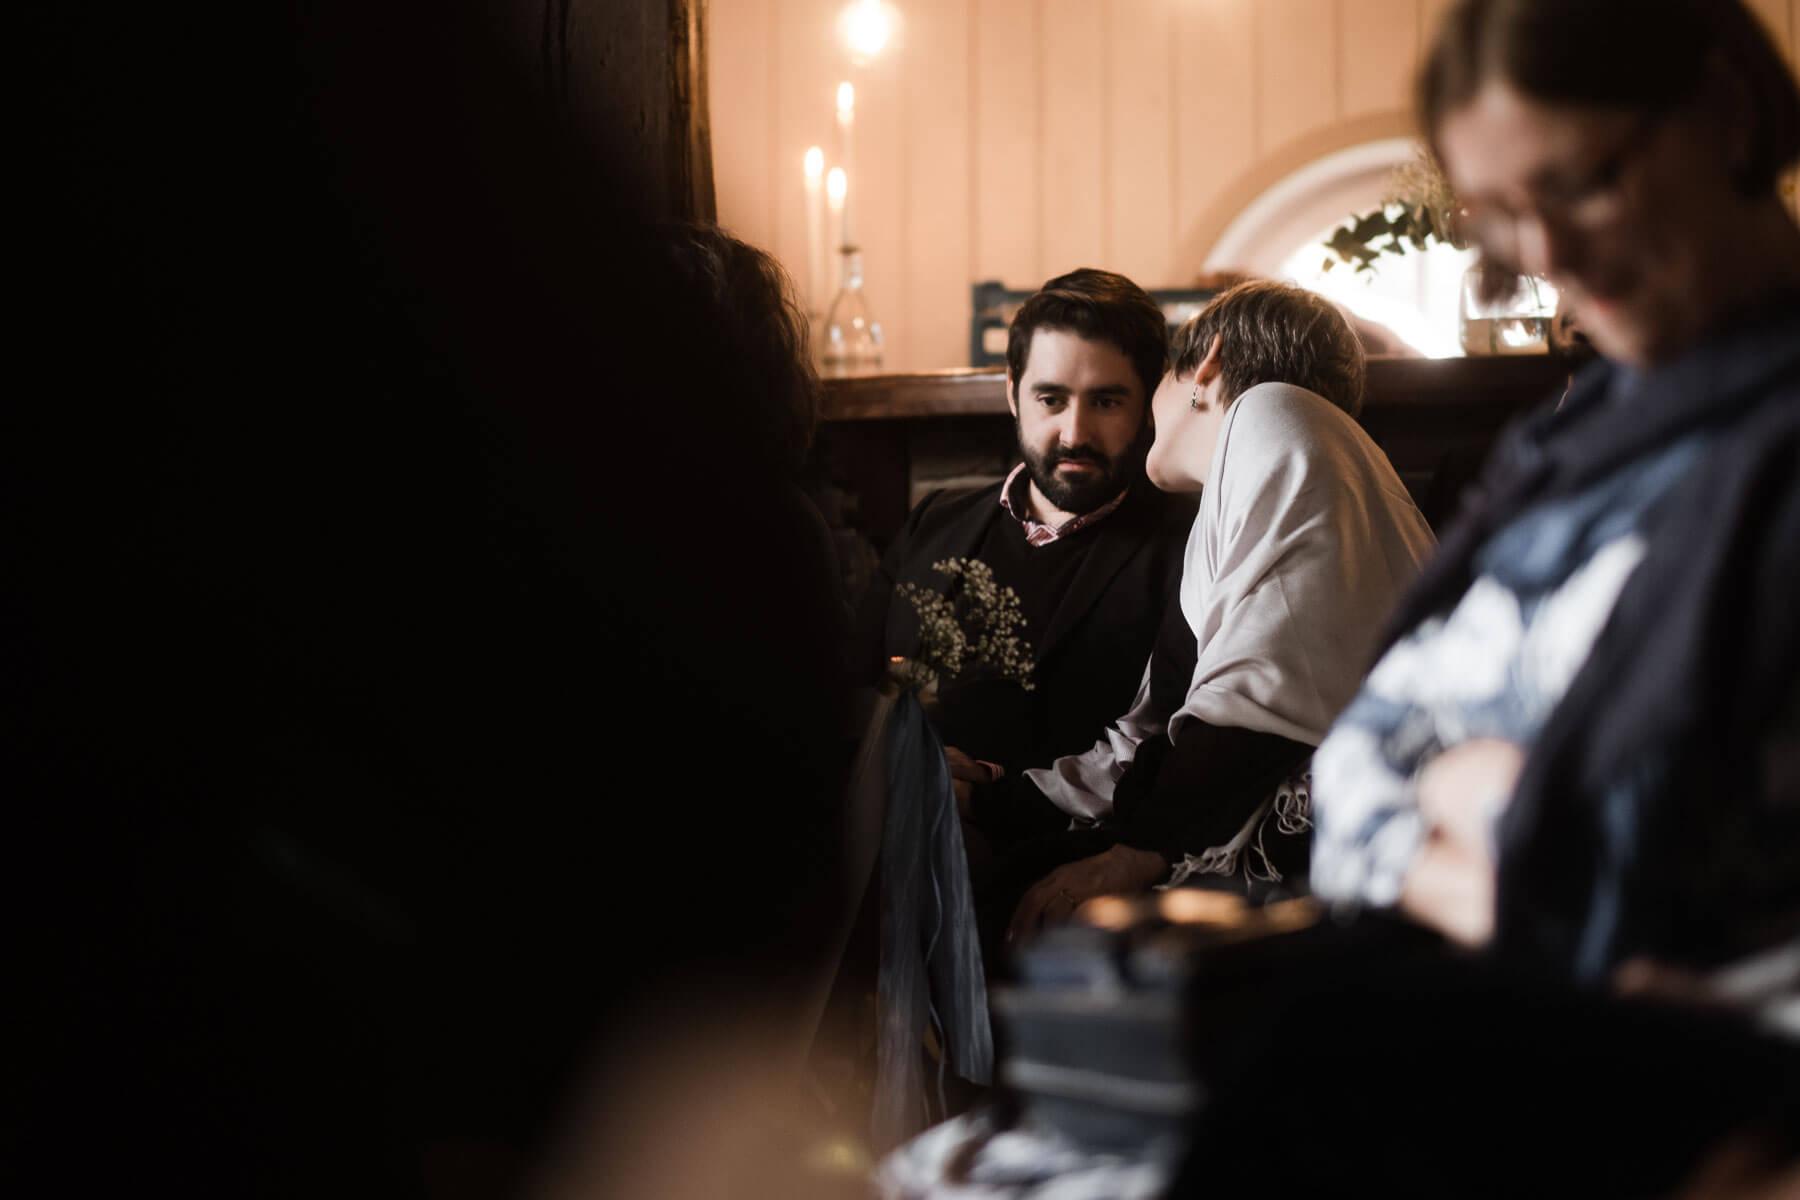 in einem Trauzmmer in einem Landhaus sitzen die Gäste des Brautpaar, eine Frau flüstert einem Mann etwas ins Ohr